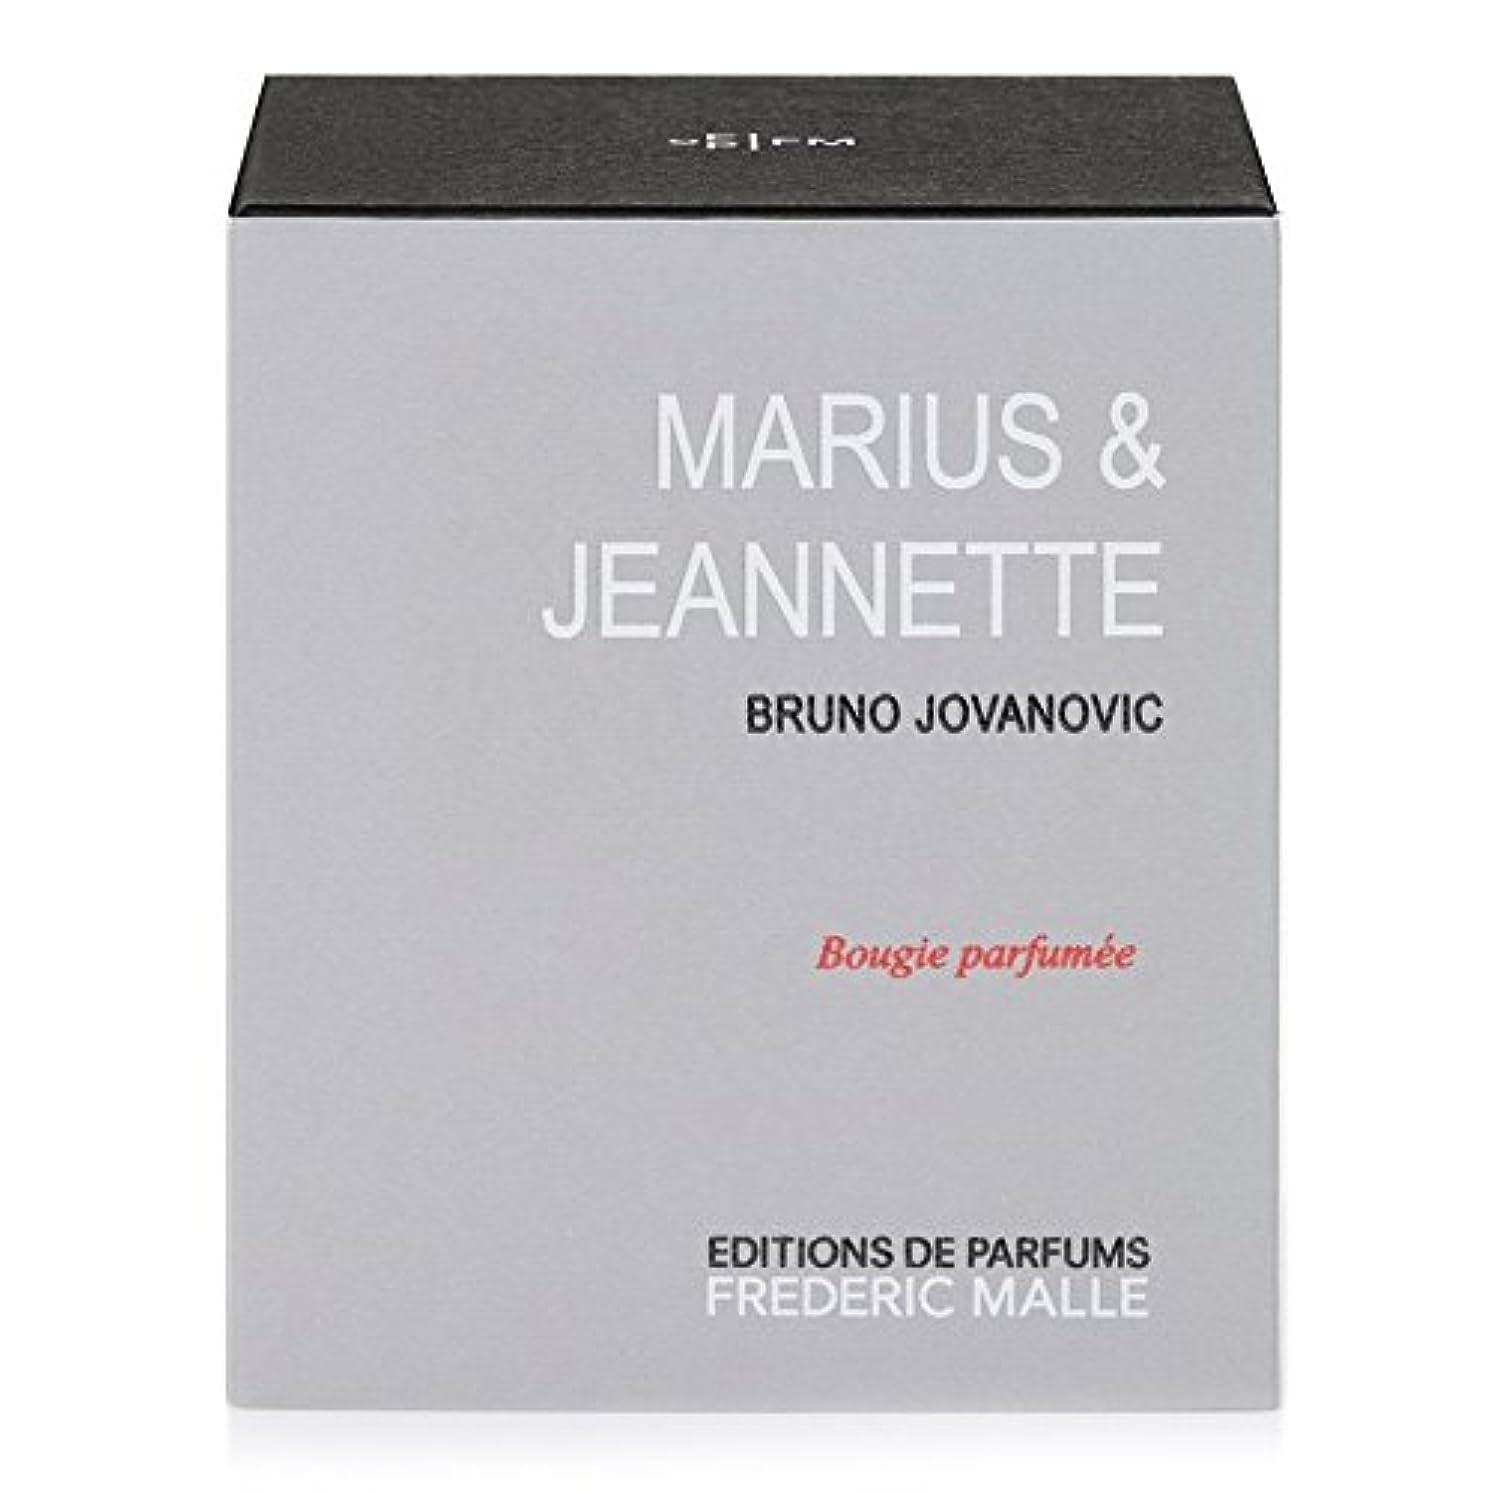 うっかり航空機ミュートフレデリック?マル とジャネット?香りのキャンドル x6 - Frederic Malle Maruis and Jeanette Scented Candle (Pack of 6) [並行輸入品]